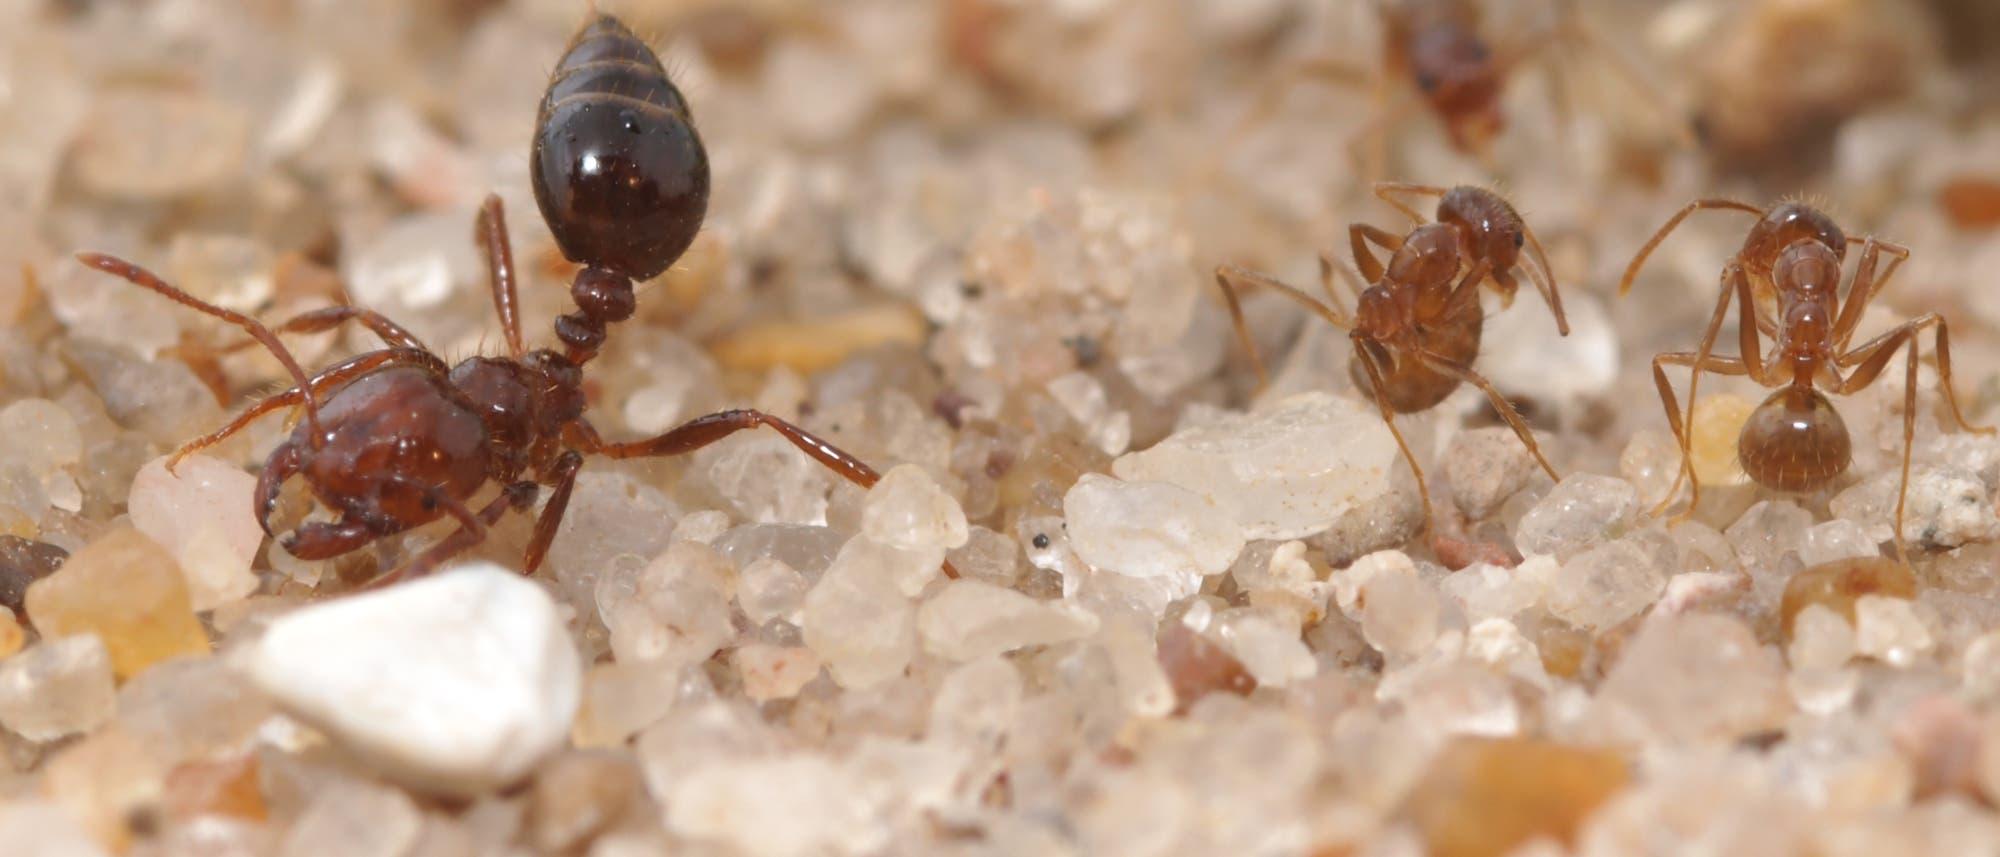 Feuerameise mit zwei Crazy Ants